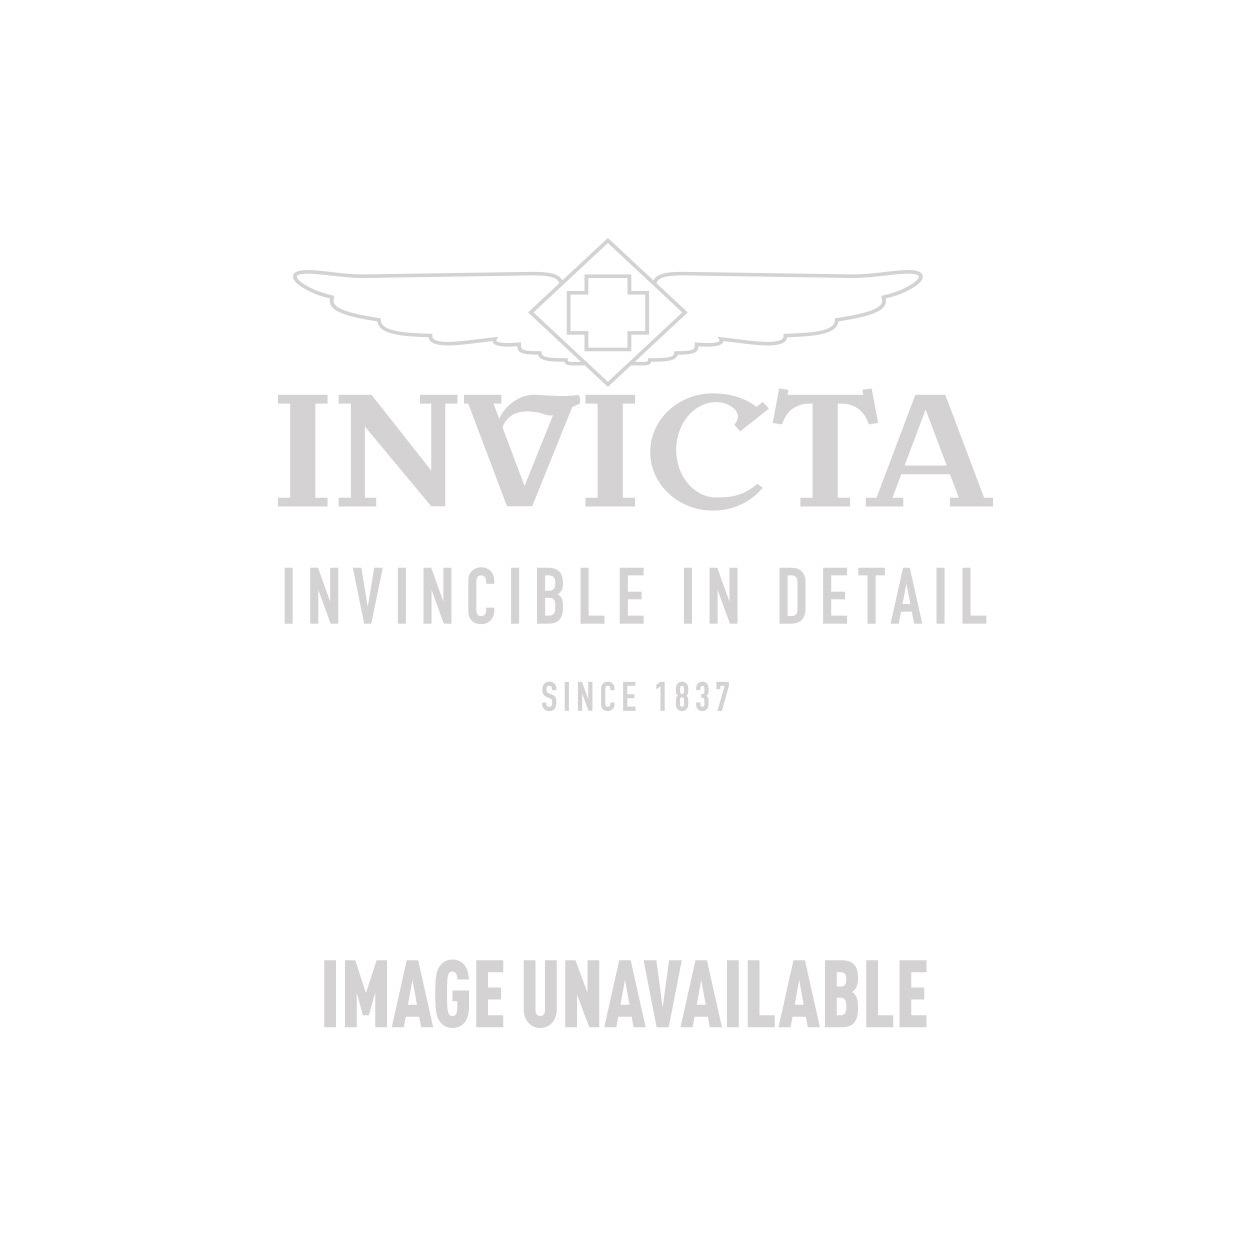 Invicta Model 28597